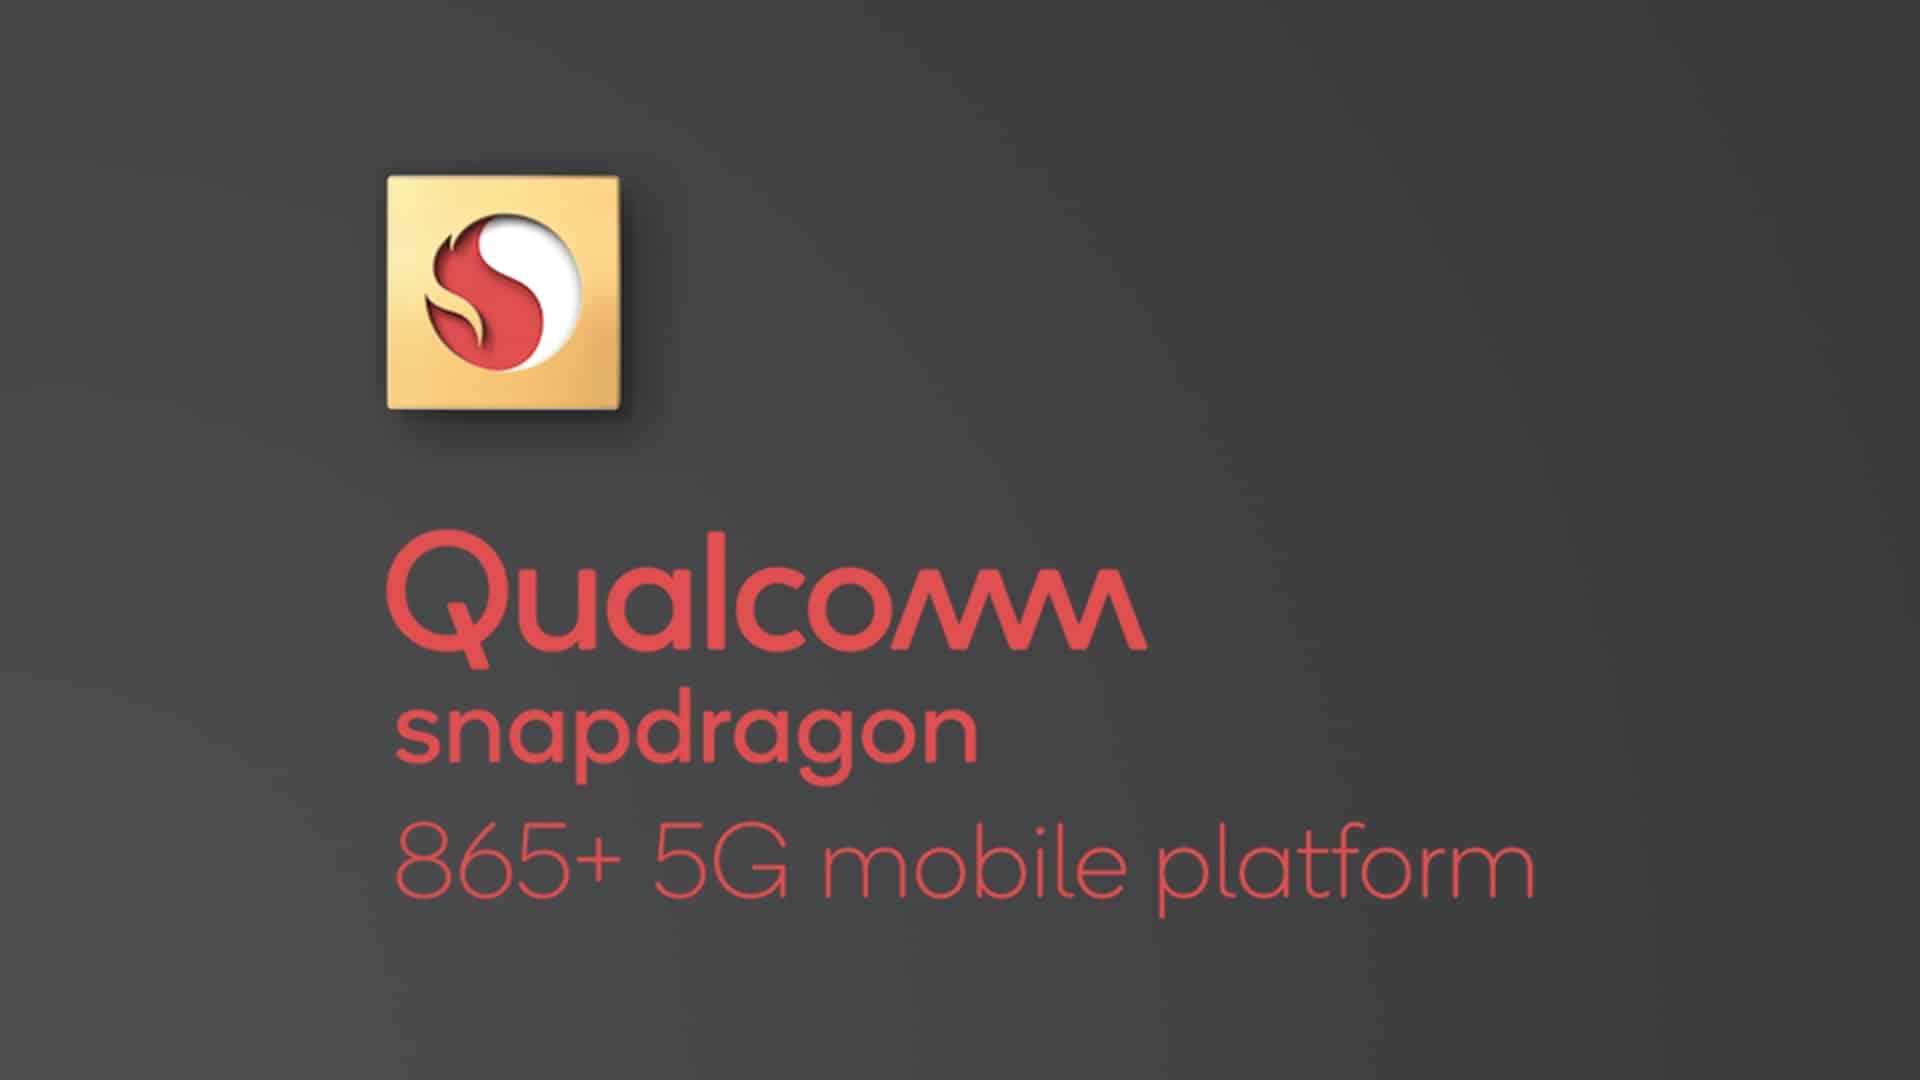 Logotipo de Qualcomm Snapdragon 865+